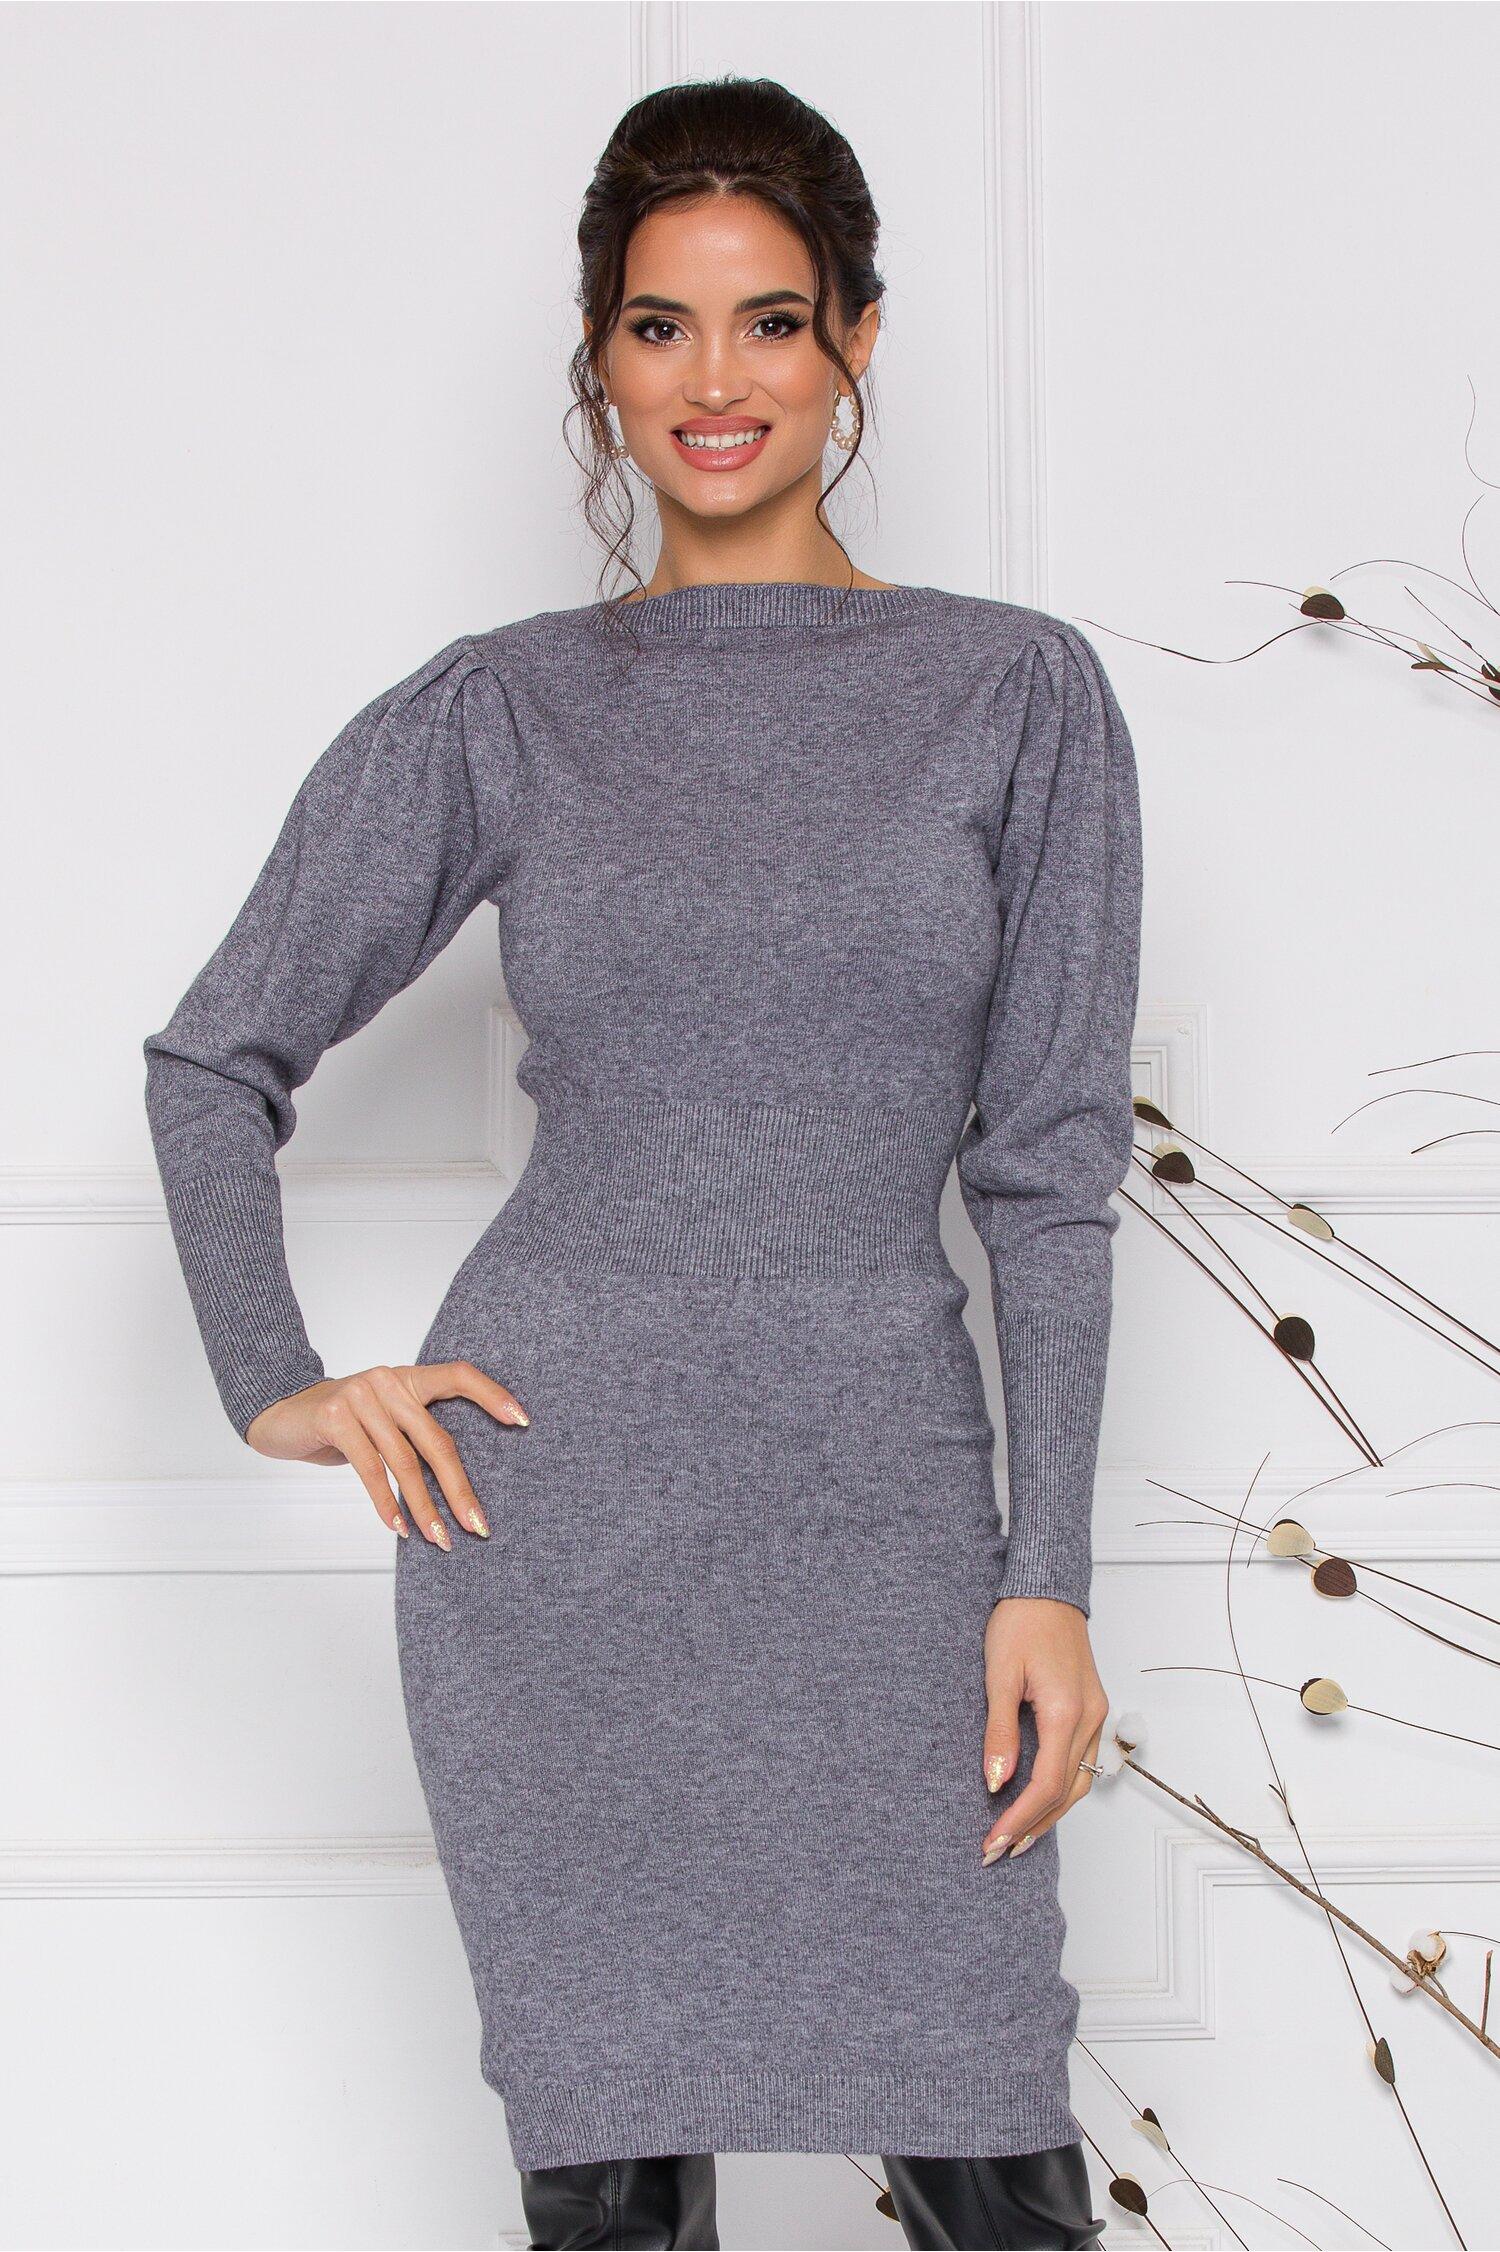 Rochie Ximo gri din tricot cu talie marcata imagine